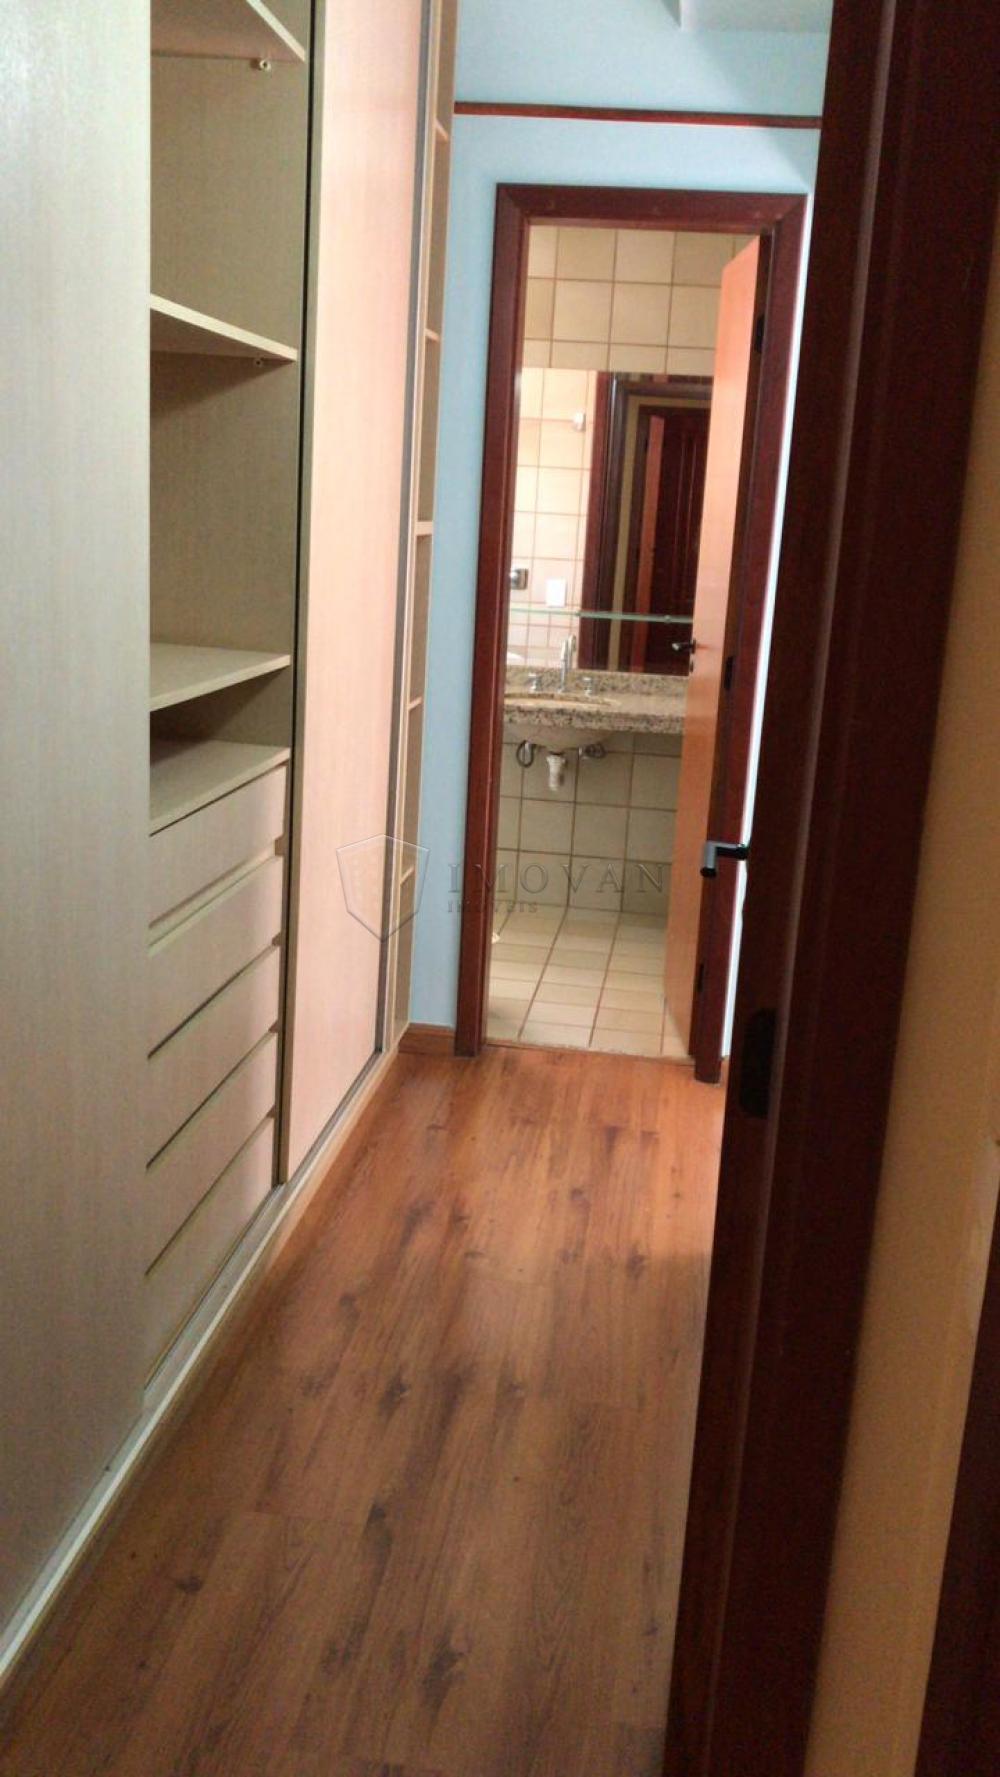 Comprar Apartamento / Padrão em Ribeirão Preto R$ 550.000,00 - Foto 14